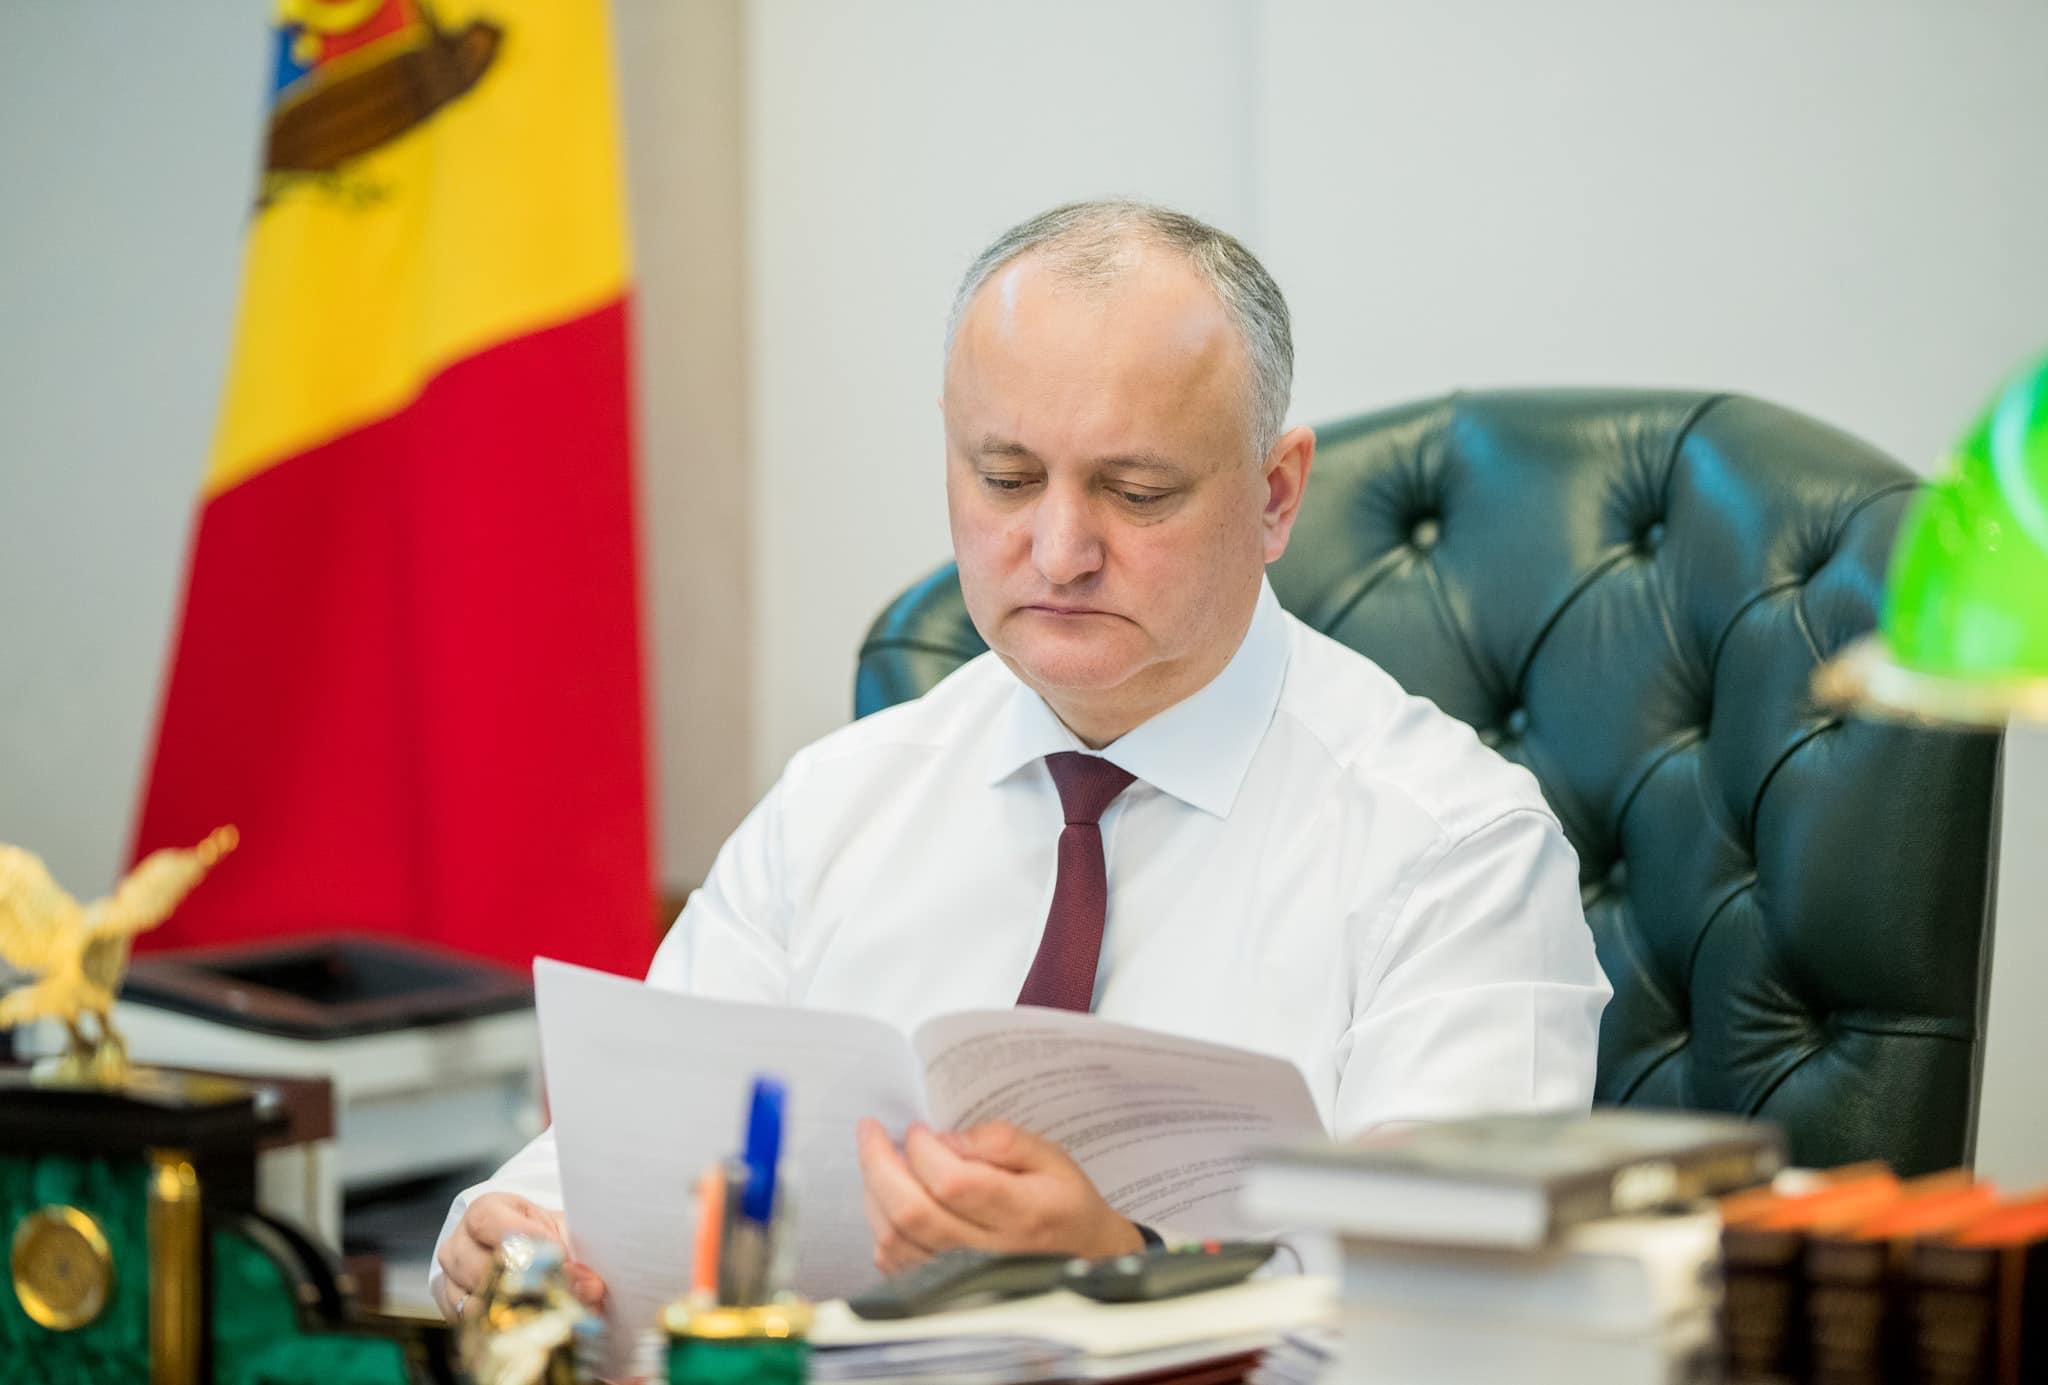 Президент промульгировал Закон о принятии мер в поддержку граждан и предпринимателей (ФОТО)